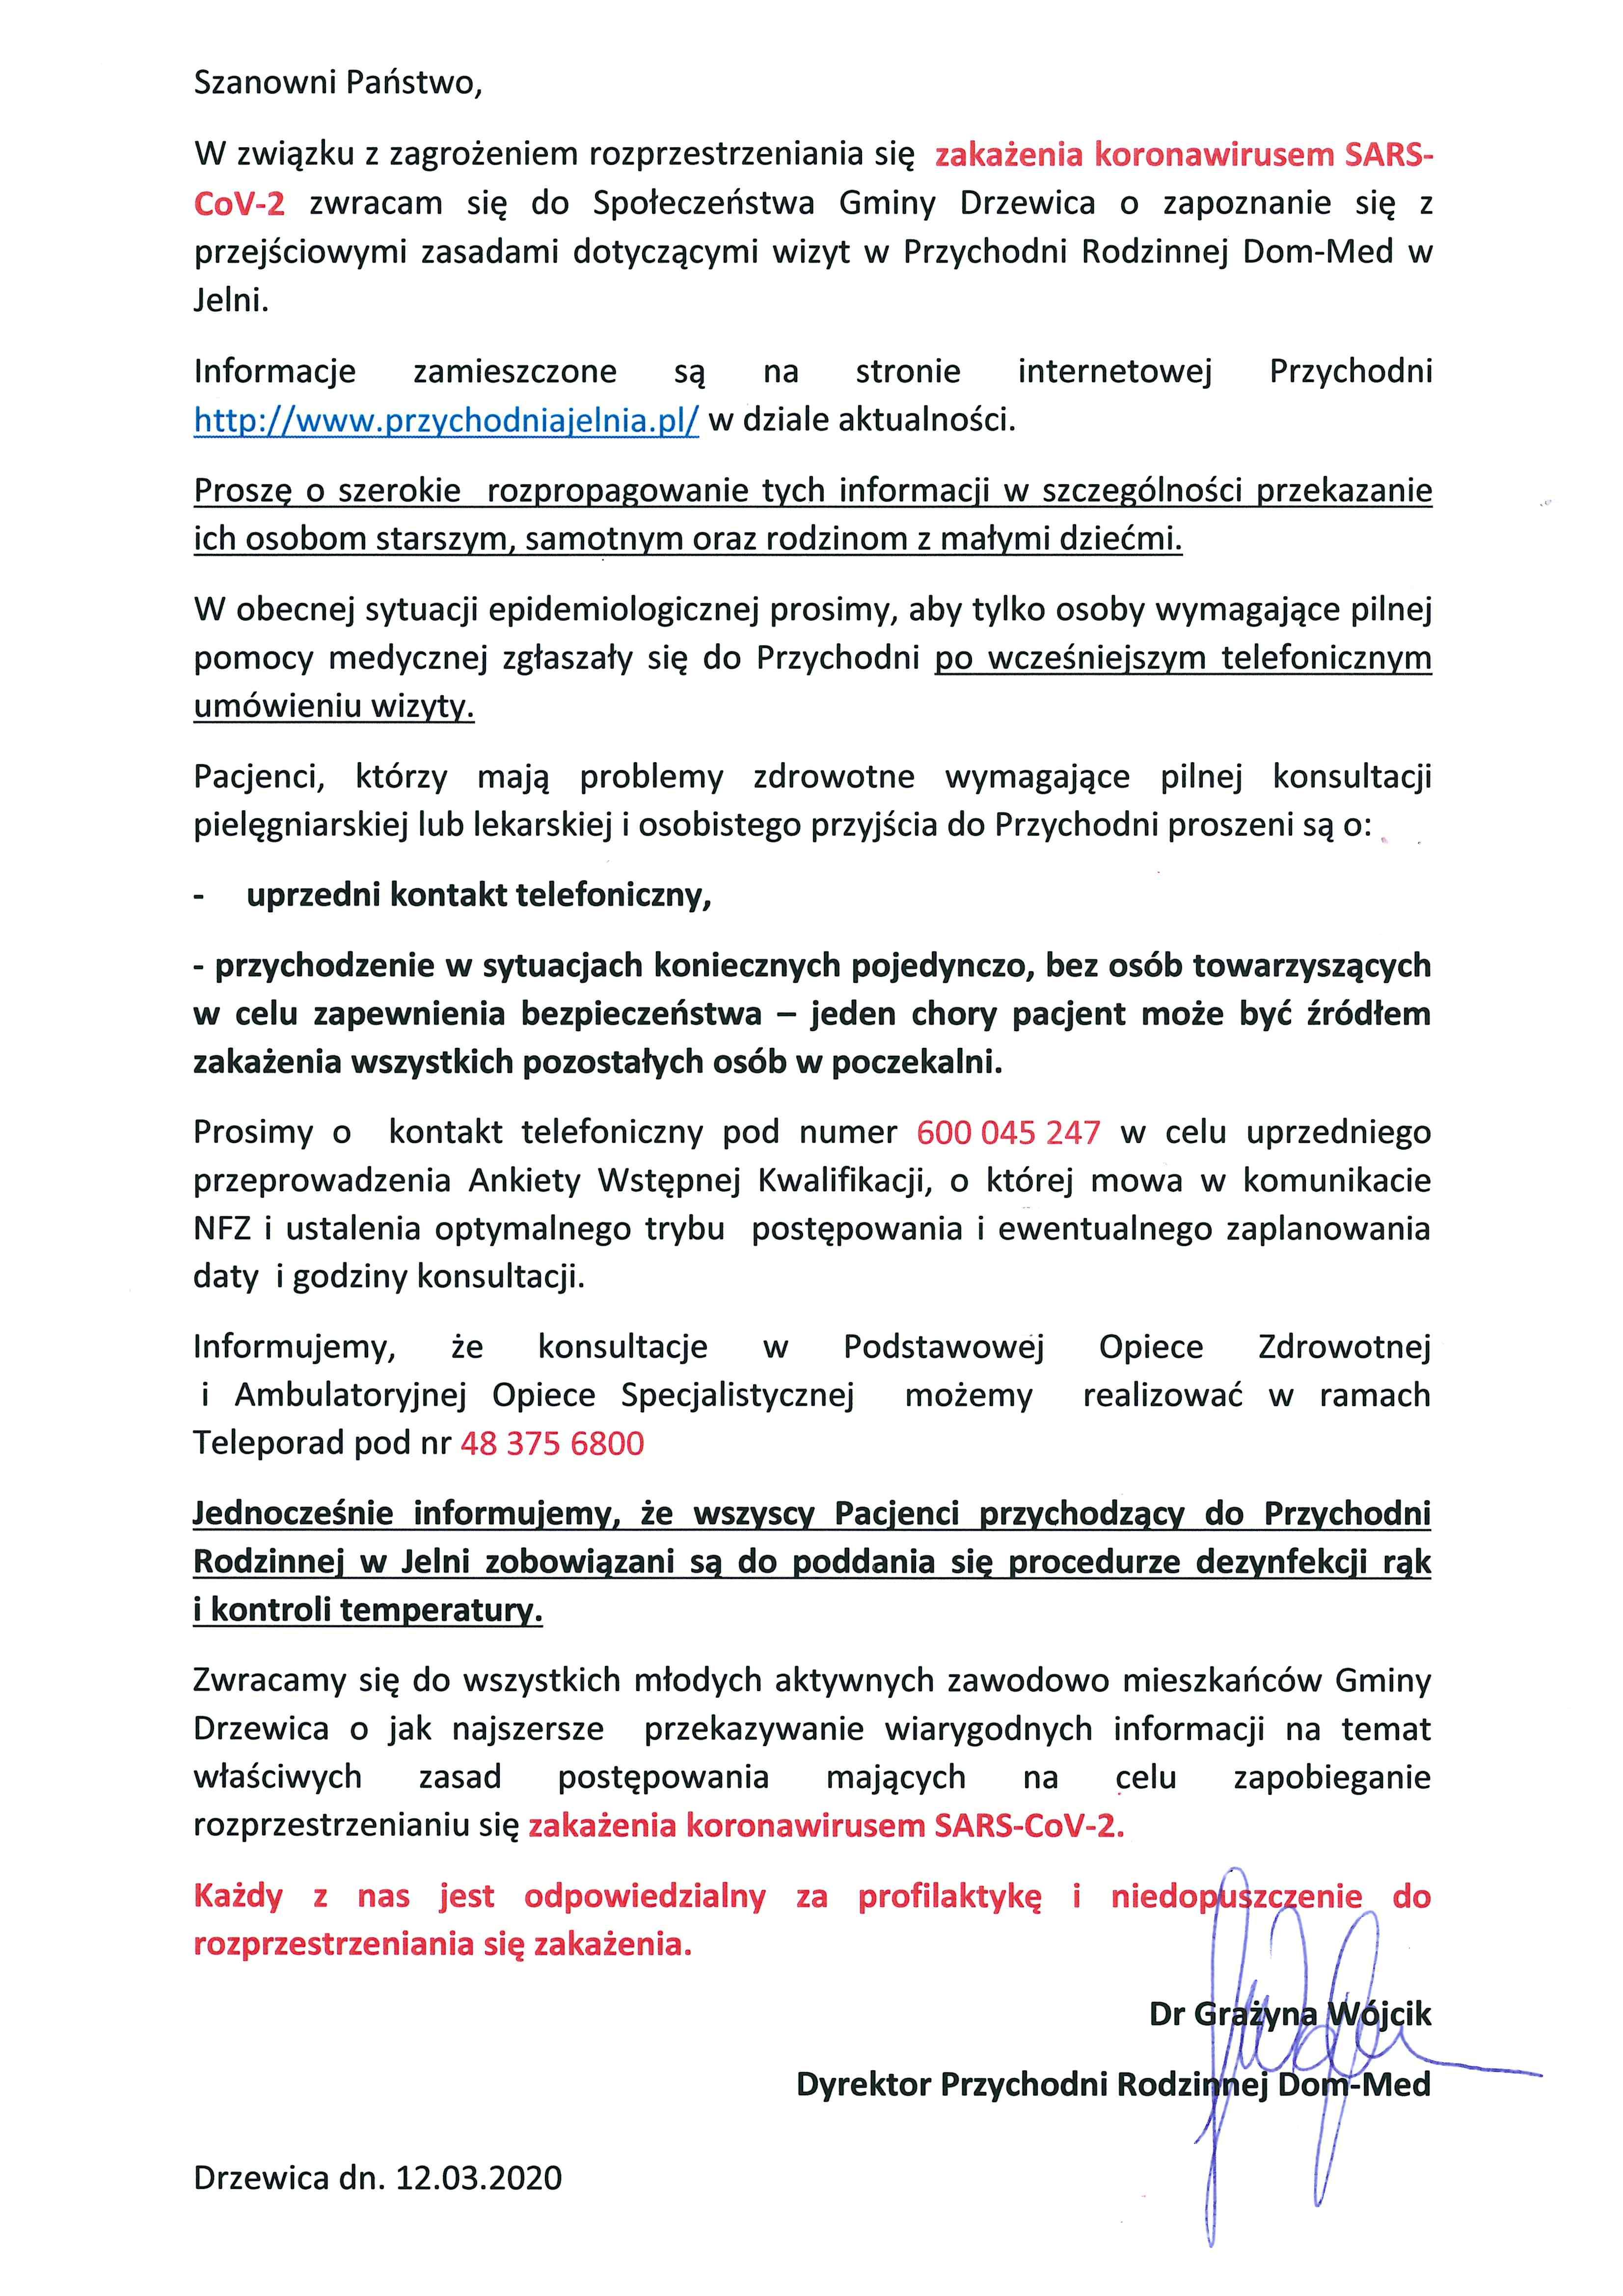 Komunikat Dyrektor Przychodni Rodzinnej Dom-Med